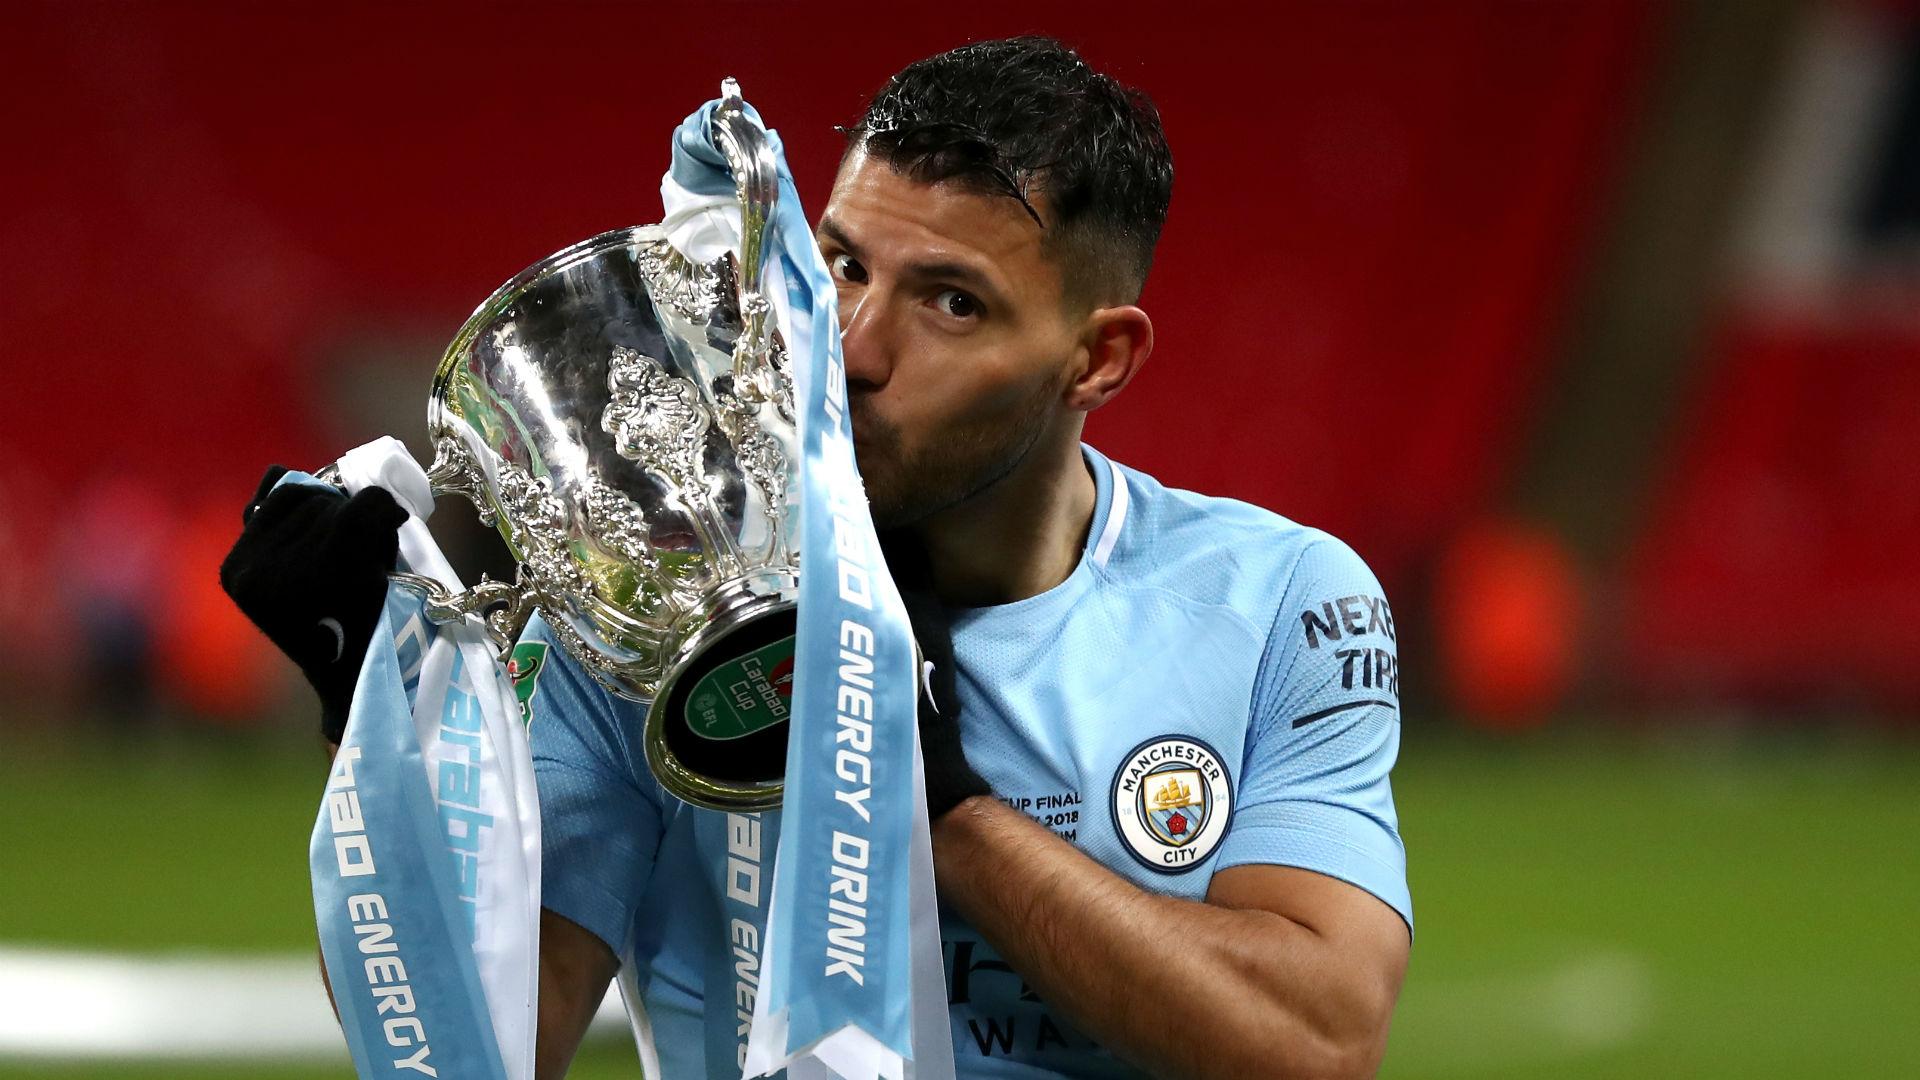 Sergio Aguero Carabao Cup trophy 2018